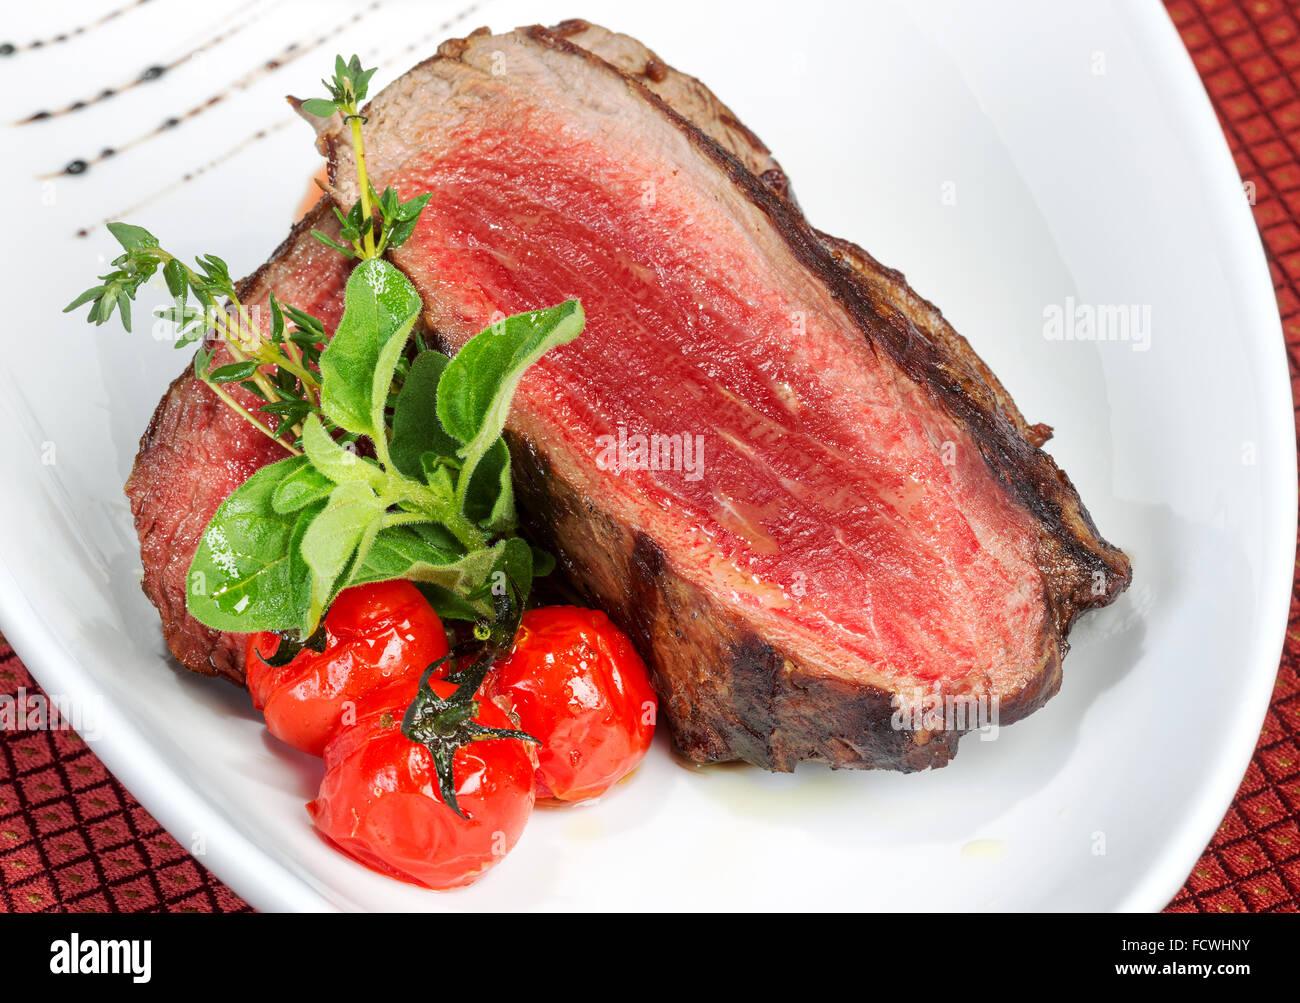 Mediano y sabrosos filetes asados en salsa de tomate Imagen De Stock